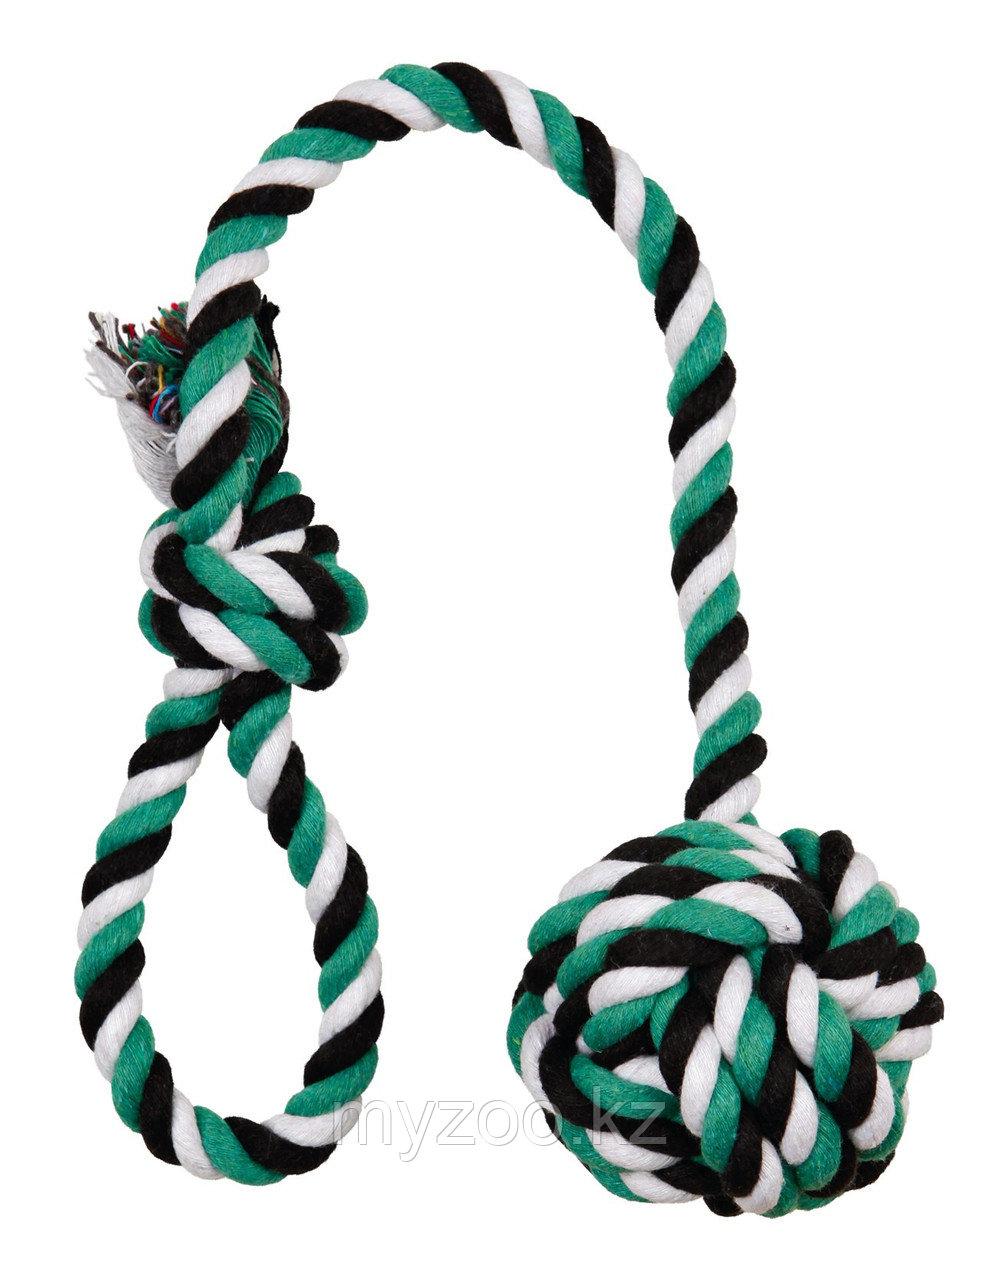 Игрушка DentaFun. Плетеная из веревок. Хлопок. Длина 50см, диам 7 см,